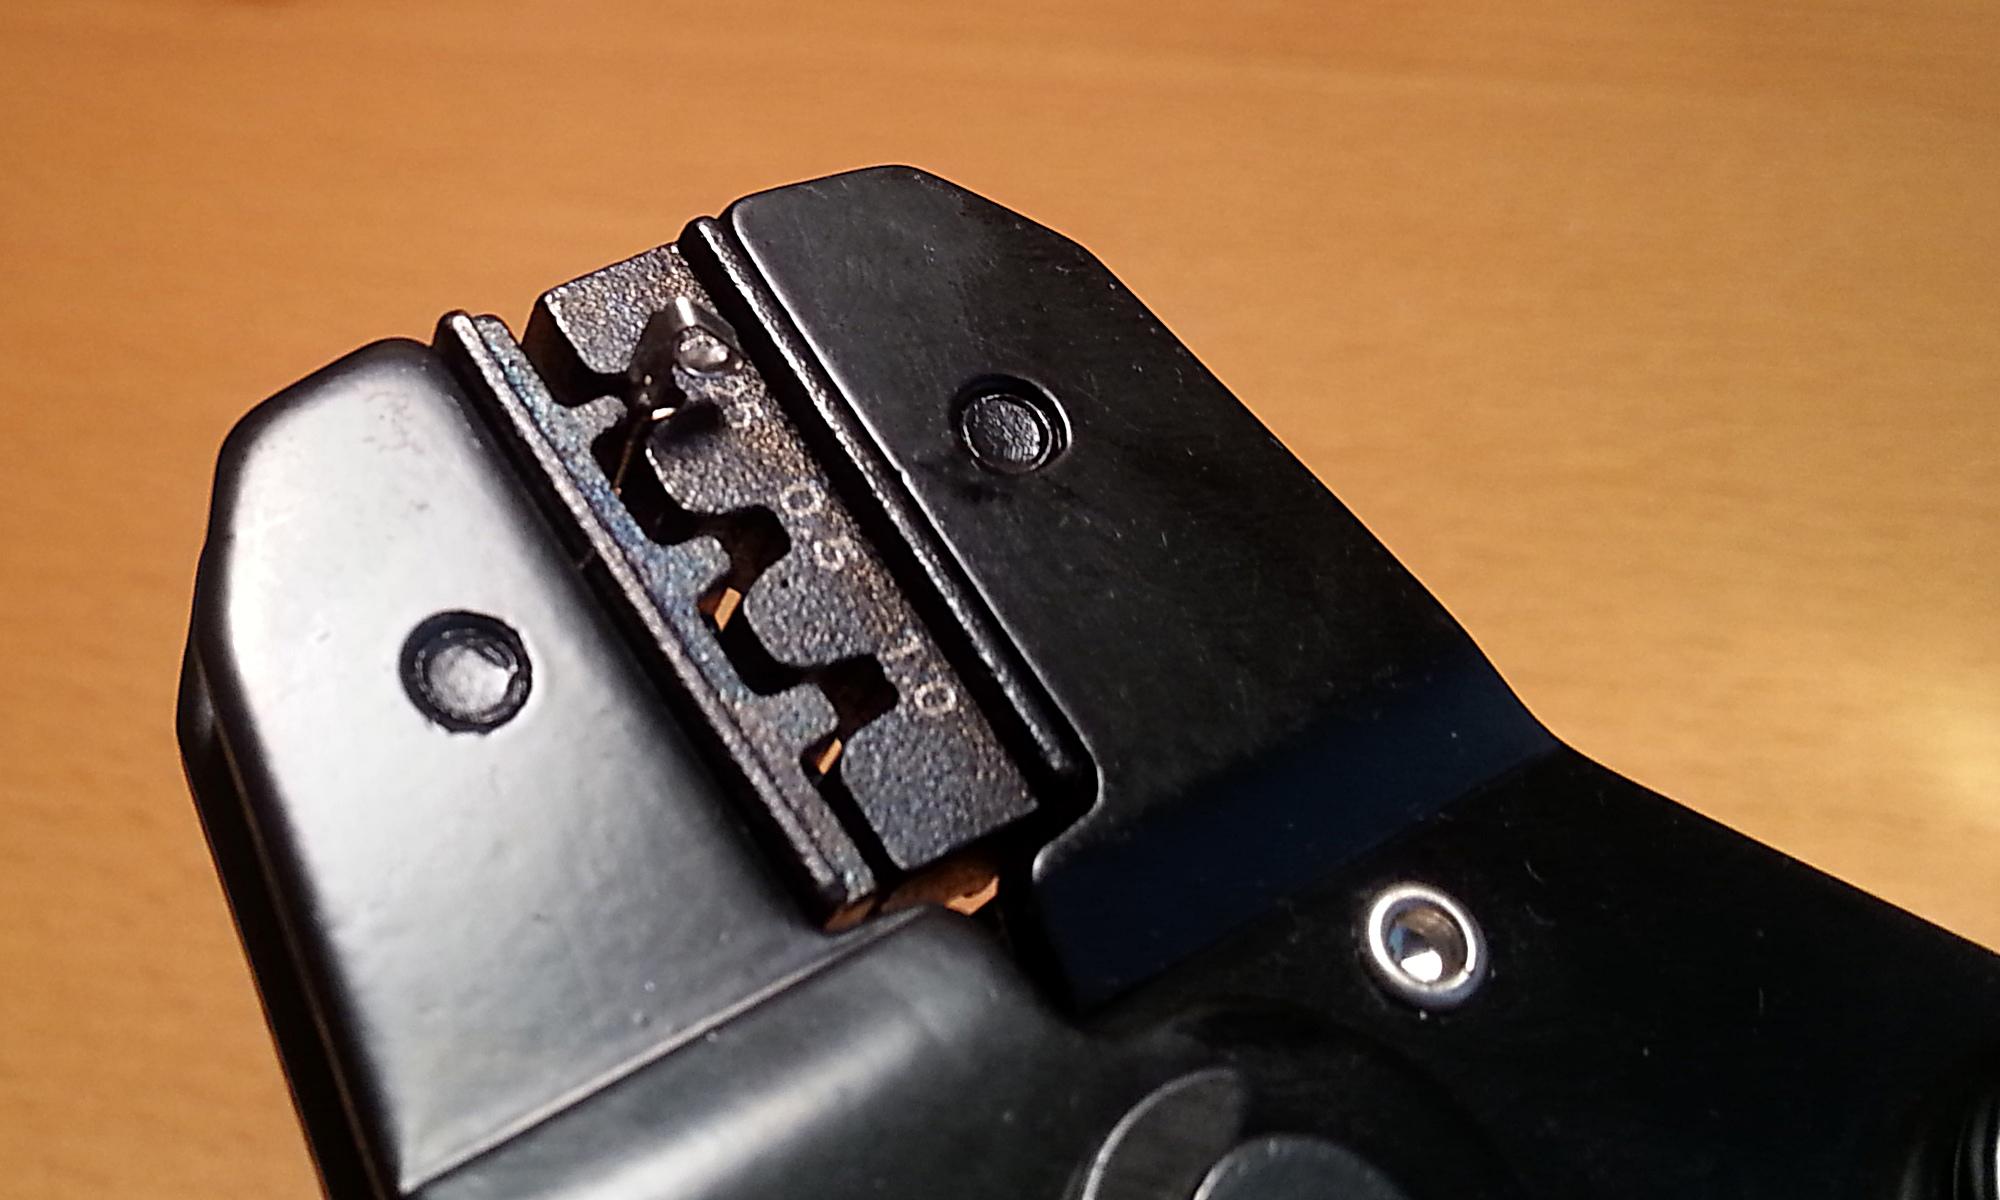 Pin bloqueado pero sin crimpar.